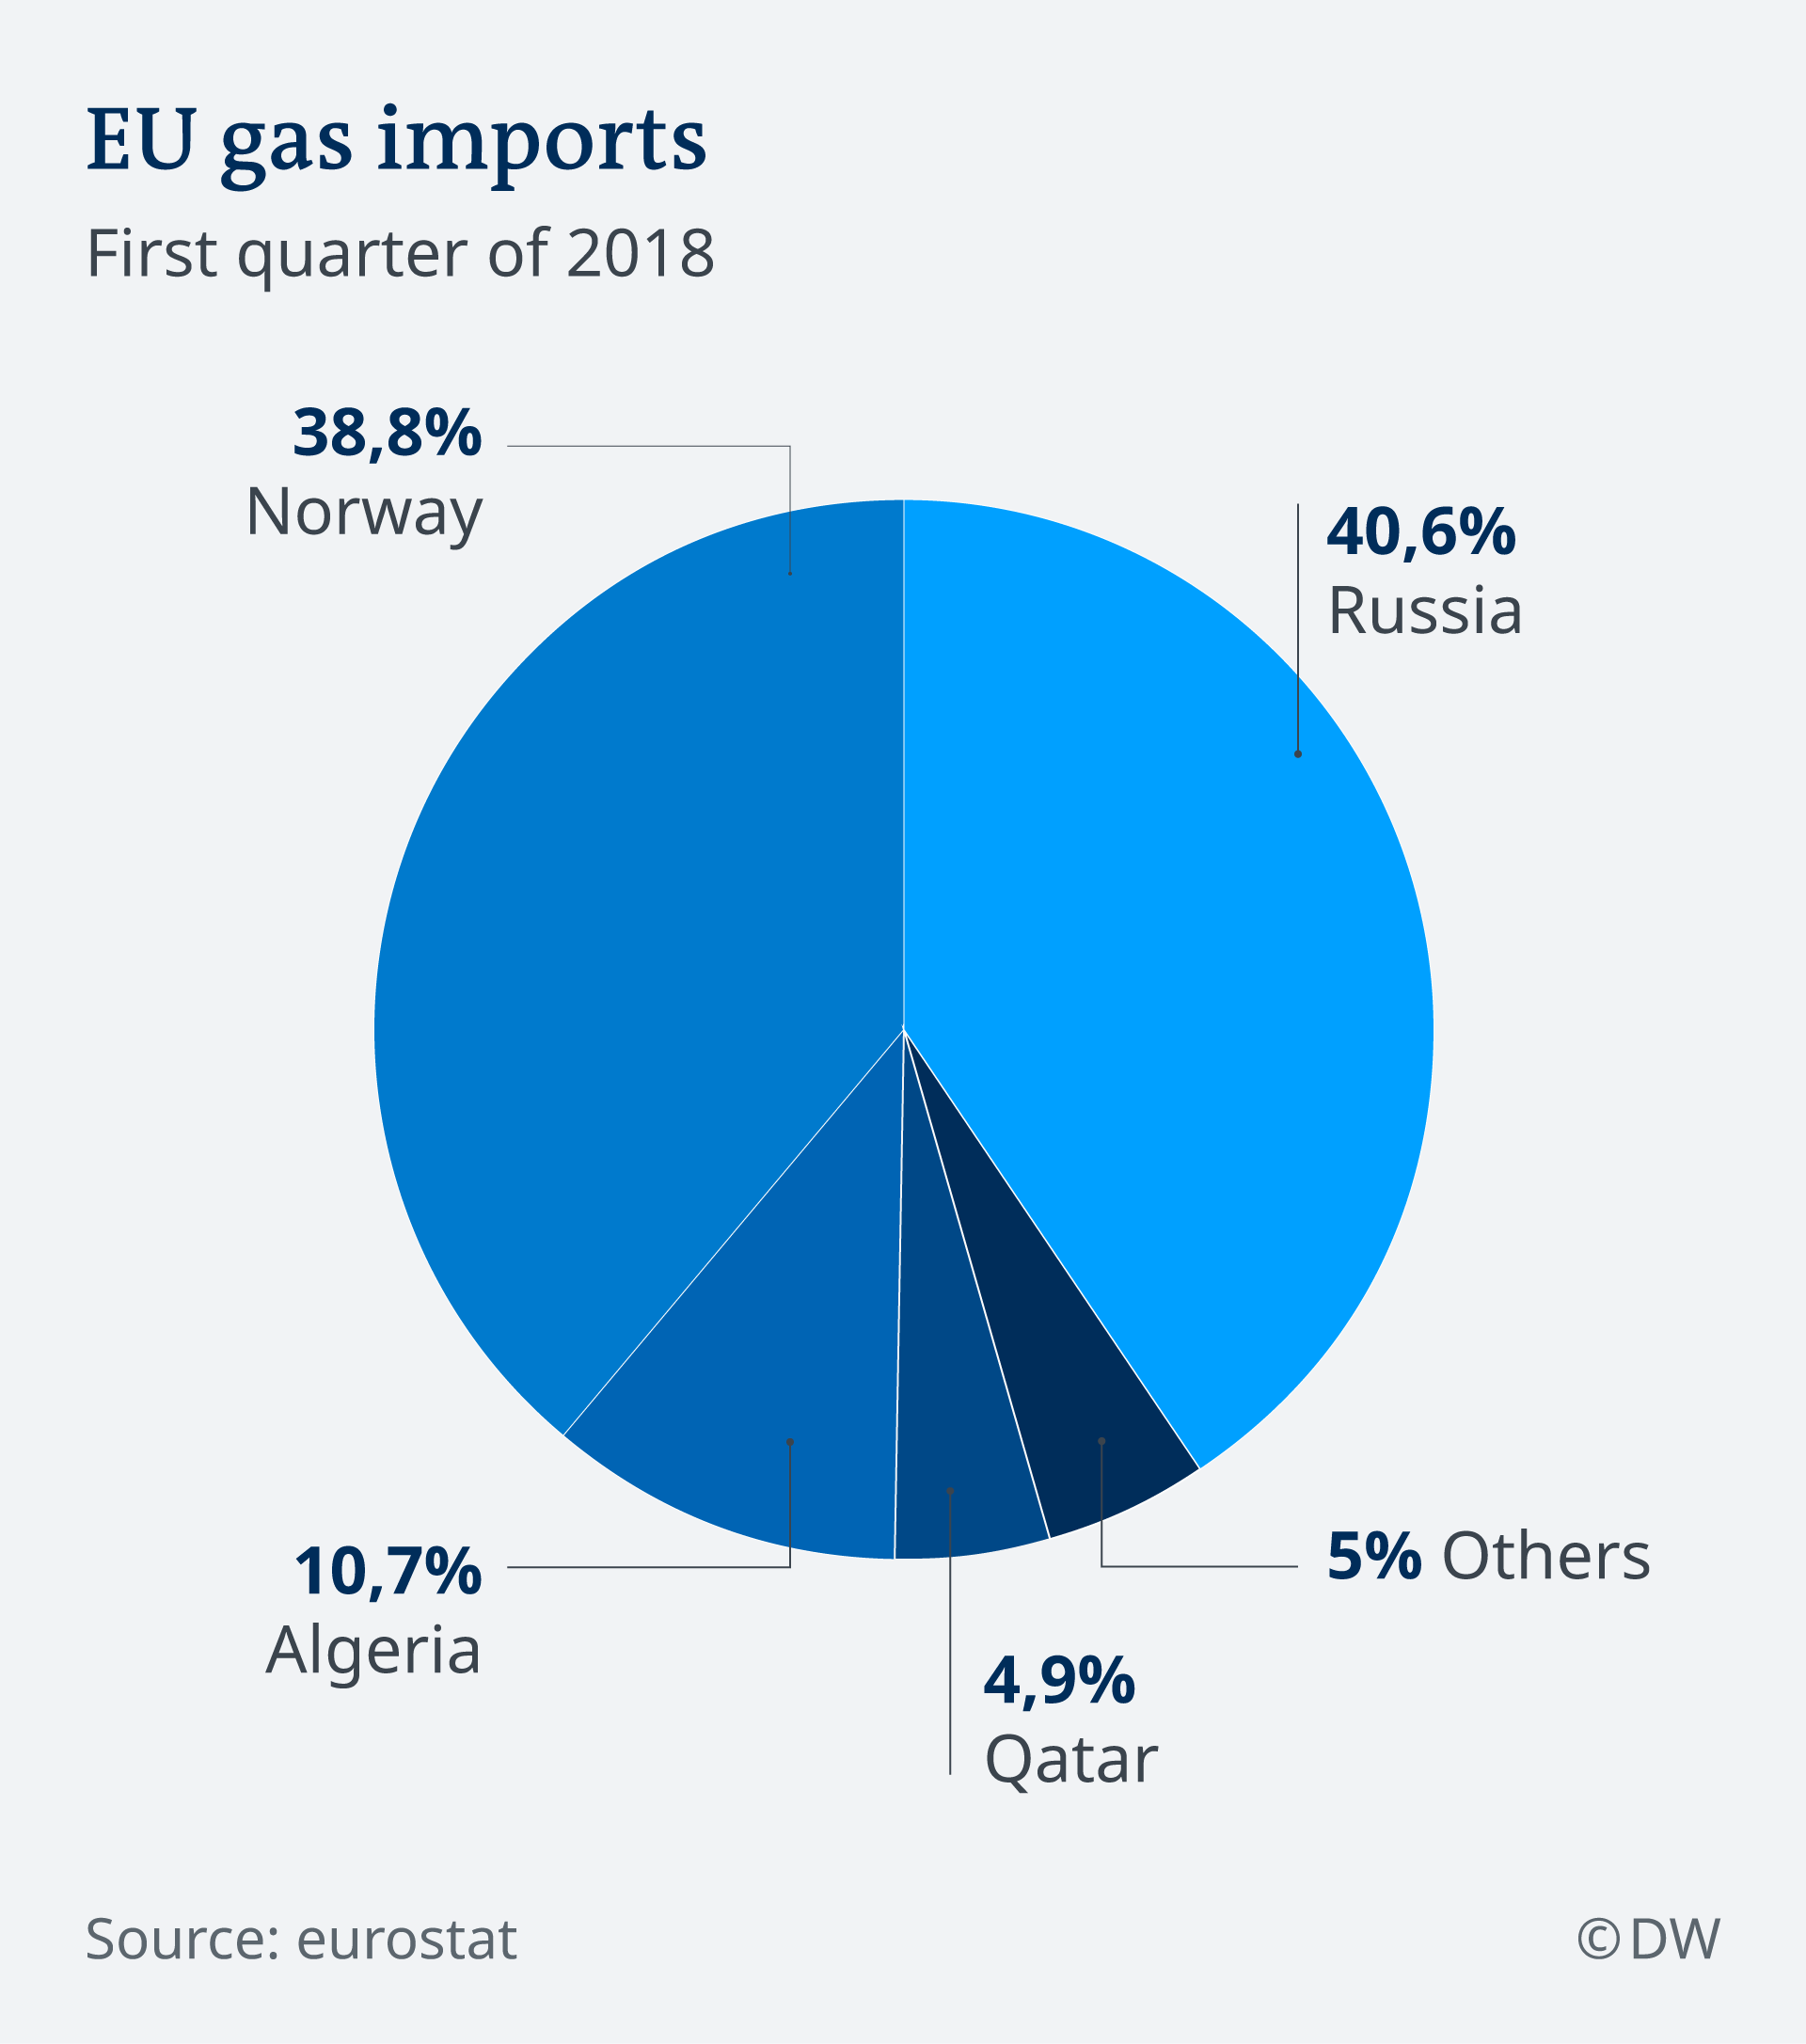 EU gas imports